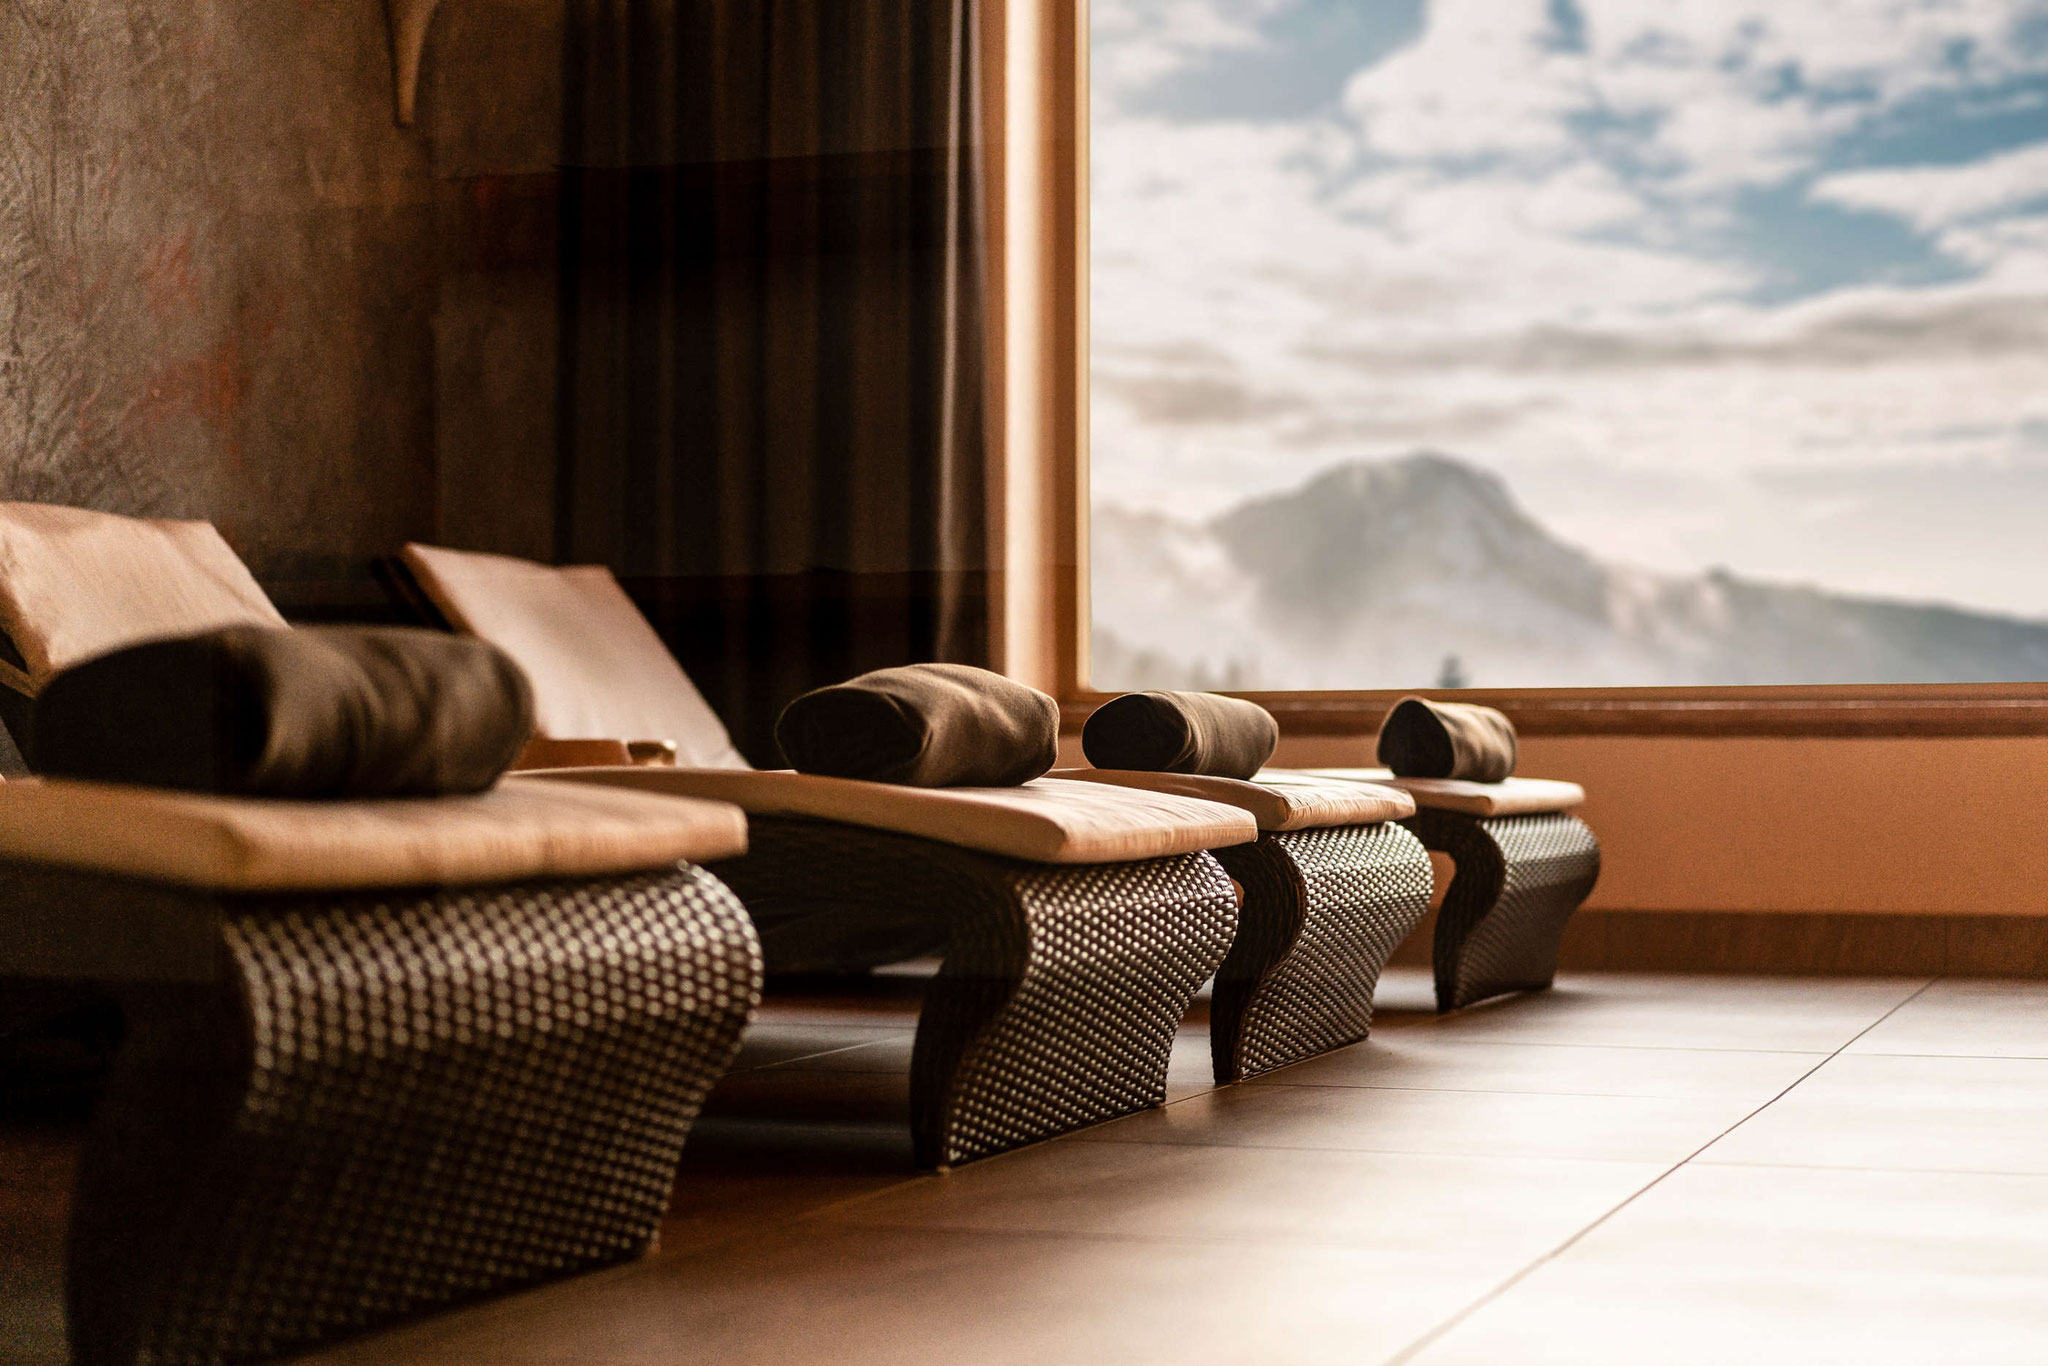 Kostenloser Hoteltest mit der REISEREI im Panorama Hotel Oberjoch